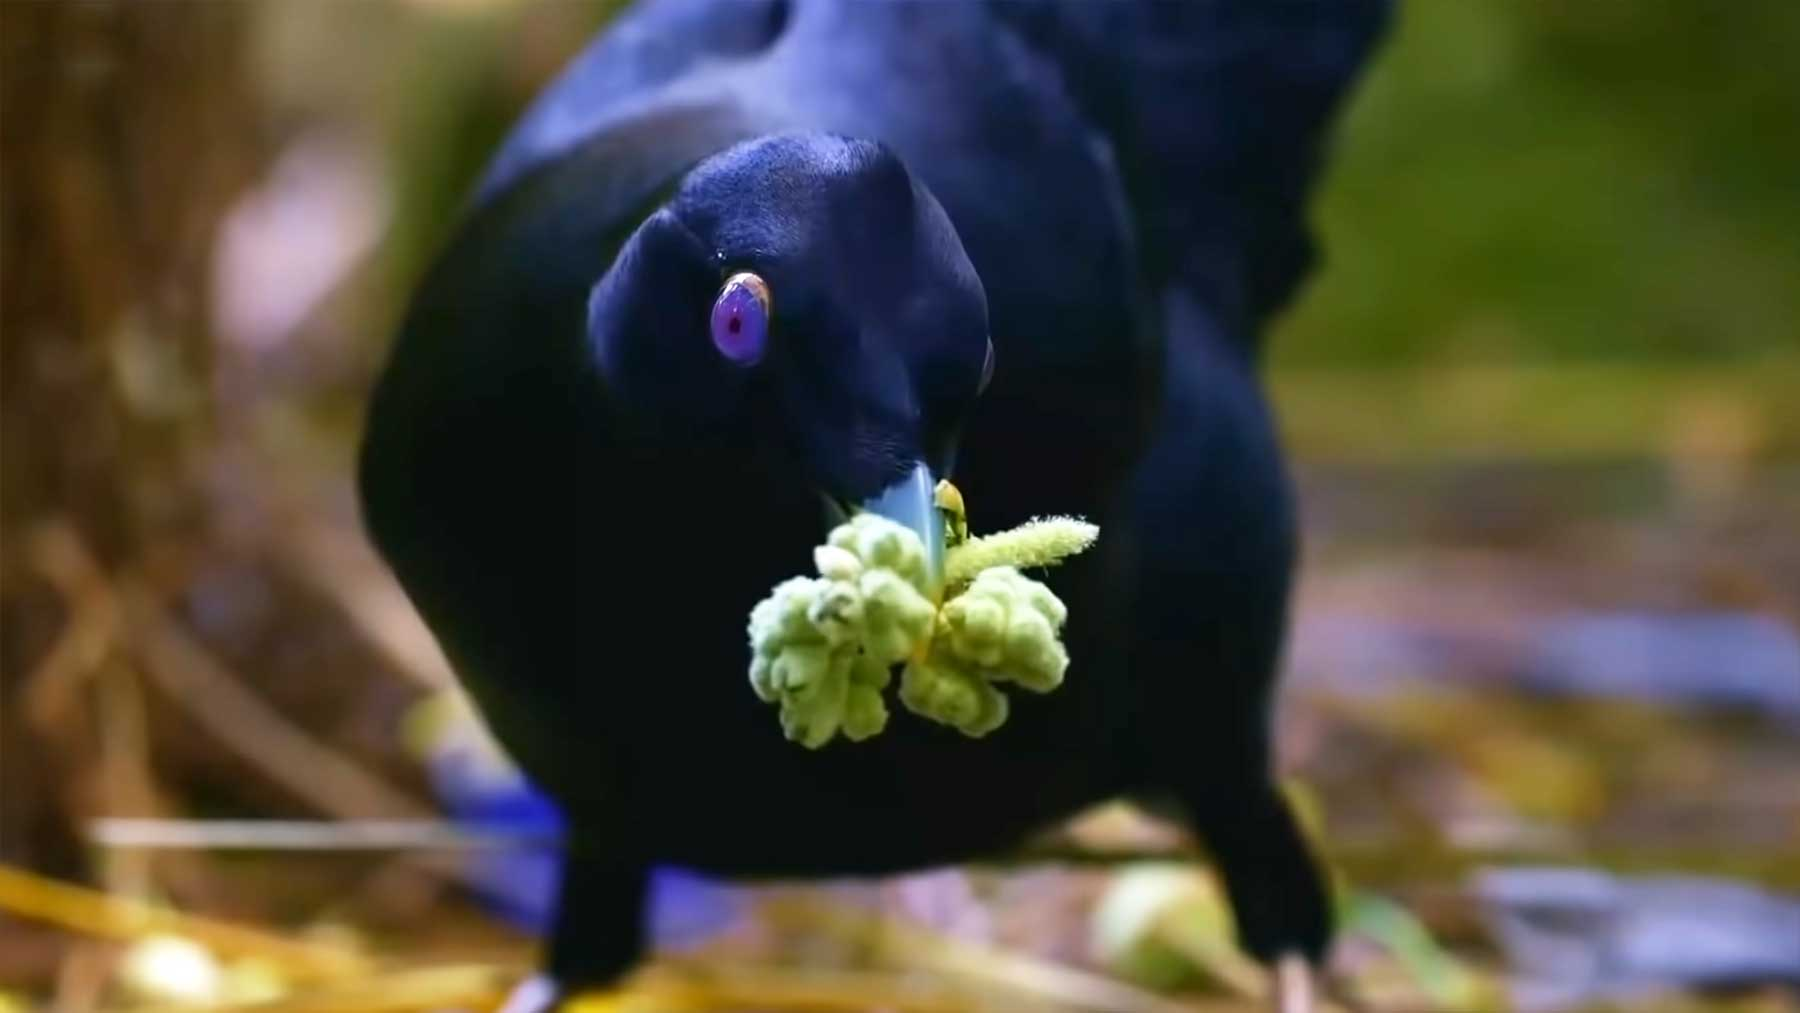 Vögel, die sich ungewöhnlich verhalten